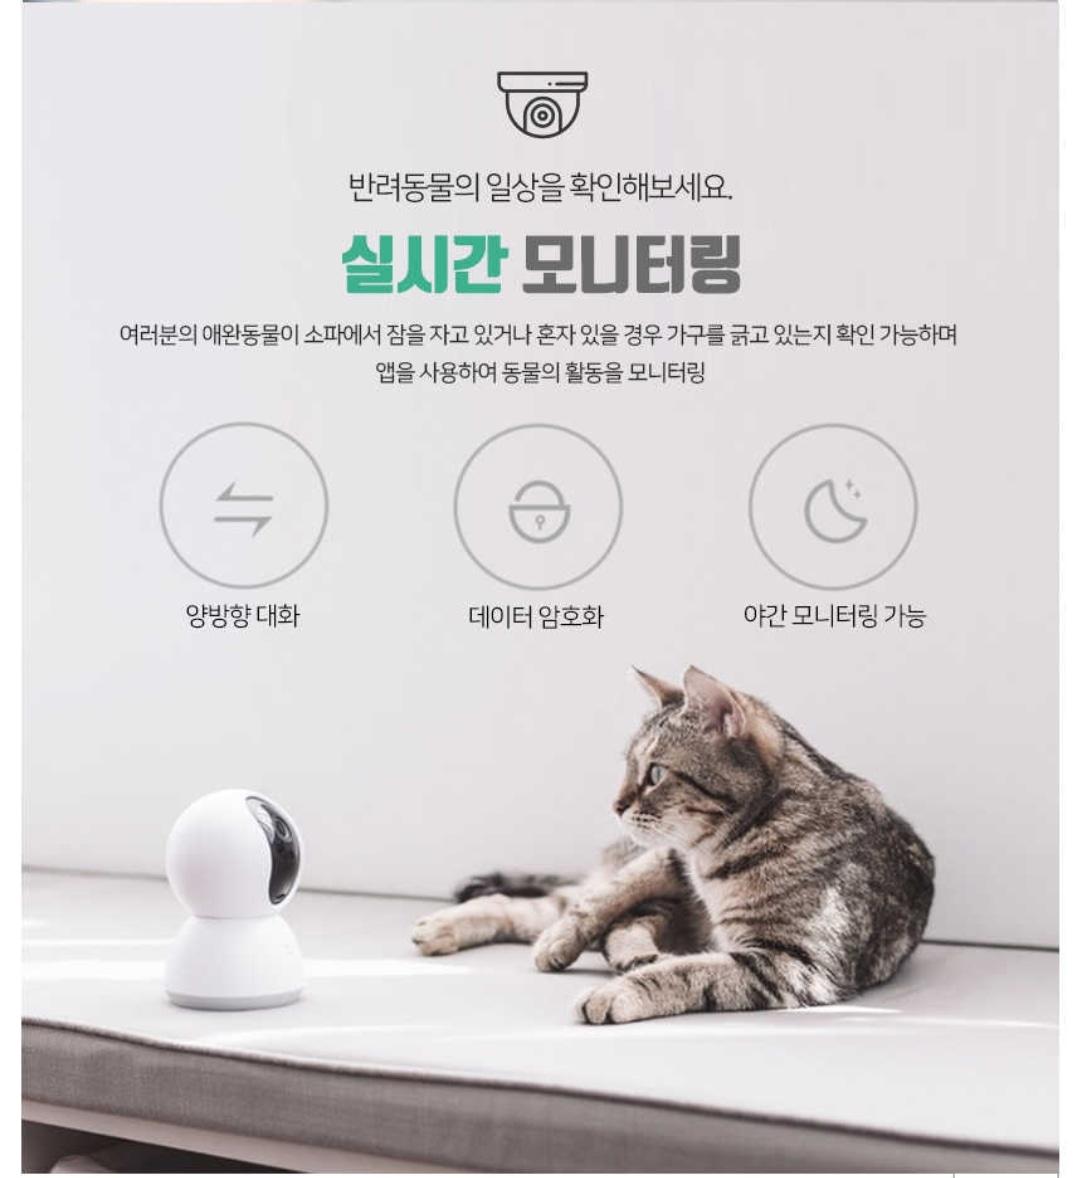 가정용 홈캠  설치및  핸드폰어플설정  광주만가능